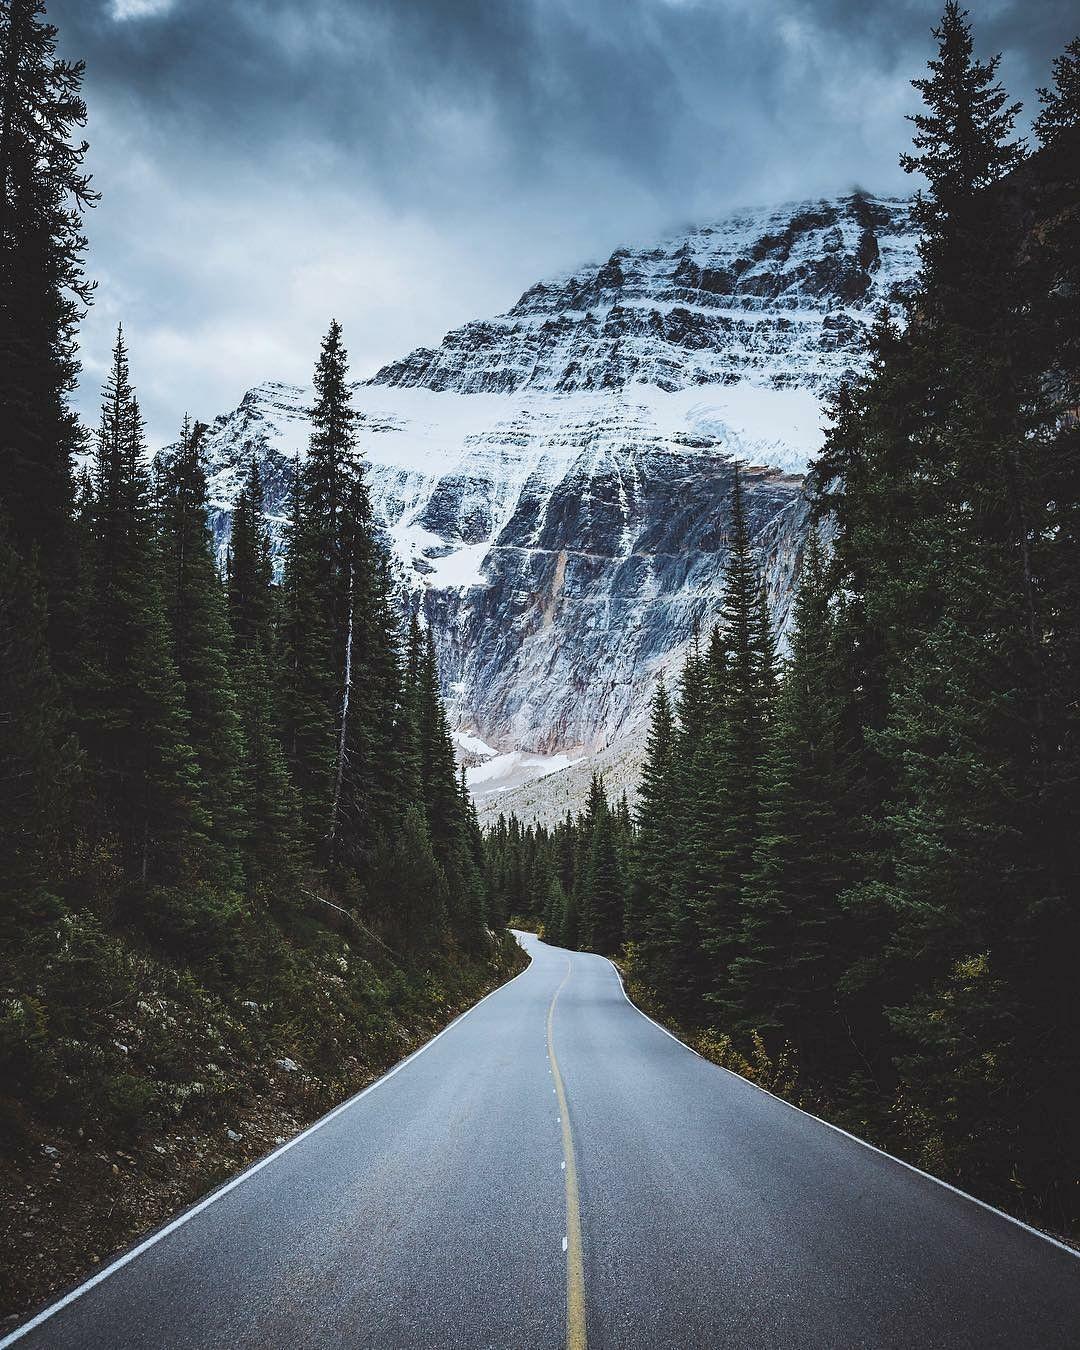 Pin By Zhill On Yollar Roads Winter Landscape Mountain Landscape Photography Landscape Photography